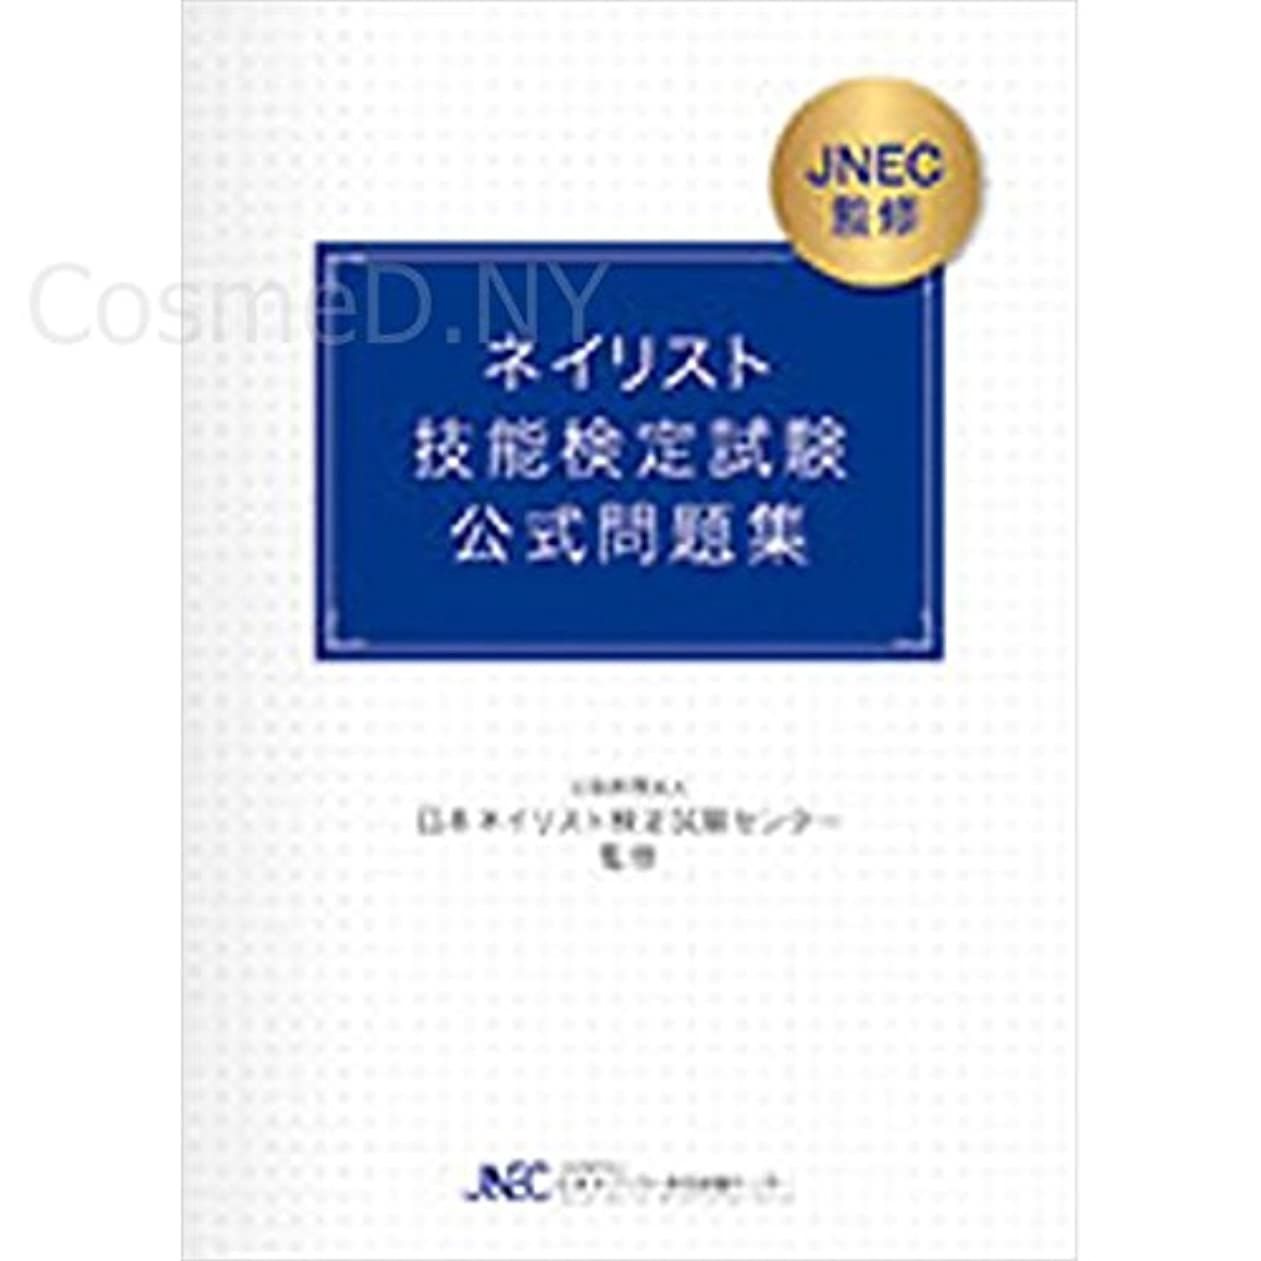 スプリットユニークな直感書籍ネイリスト技能検定試験 公式問題集【BOOK、ネイリスト検定試験、ネイル検定に】